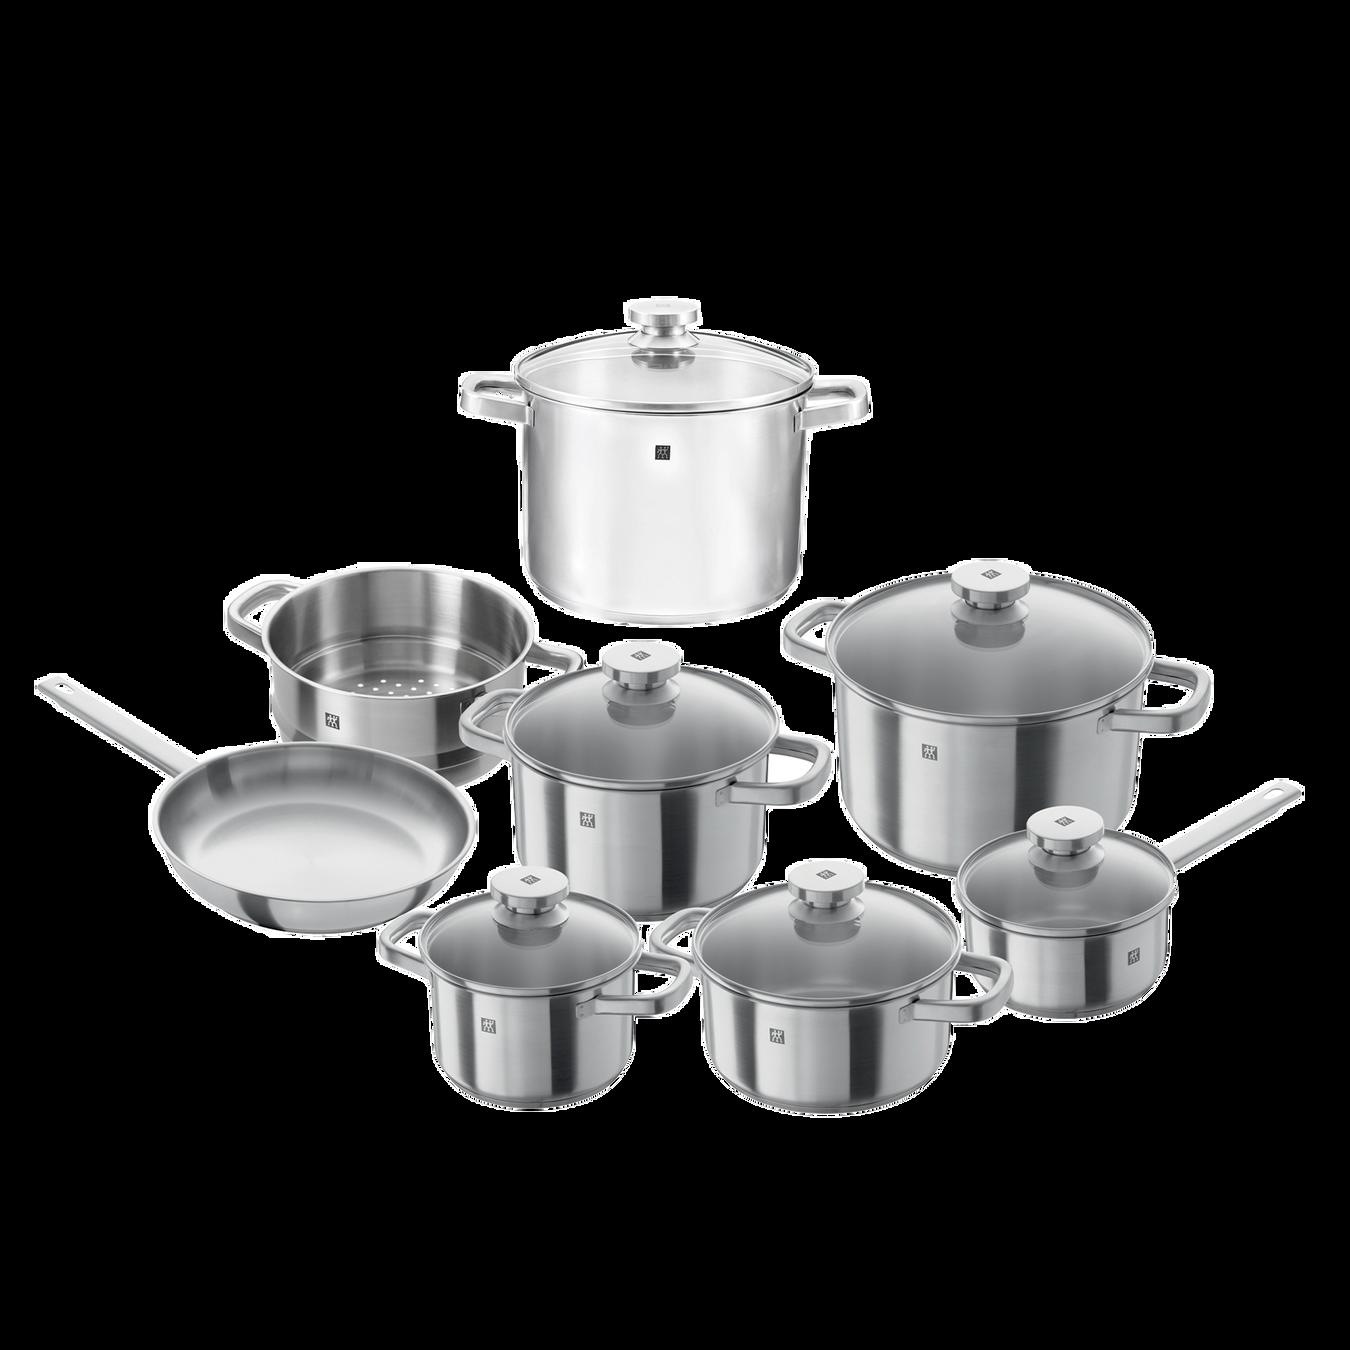 14-Piece Cookware Set 1